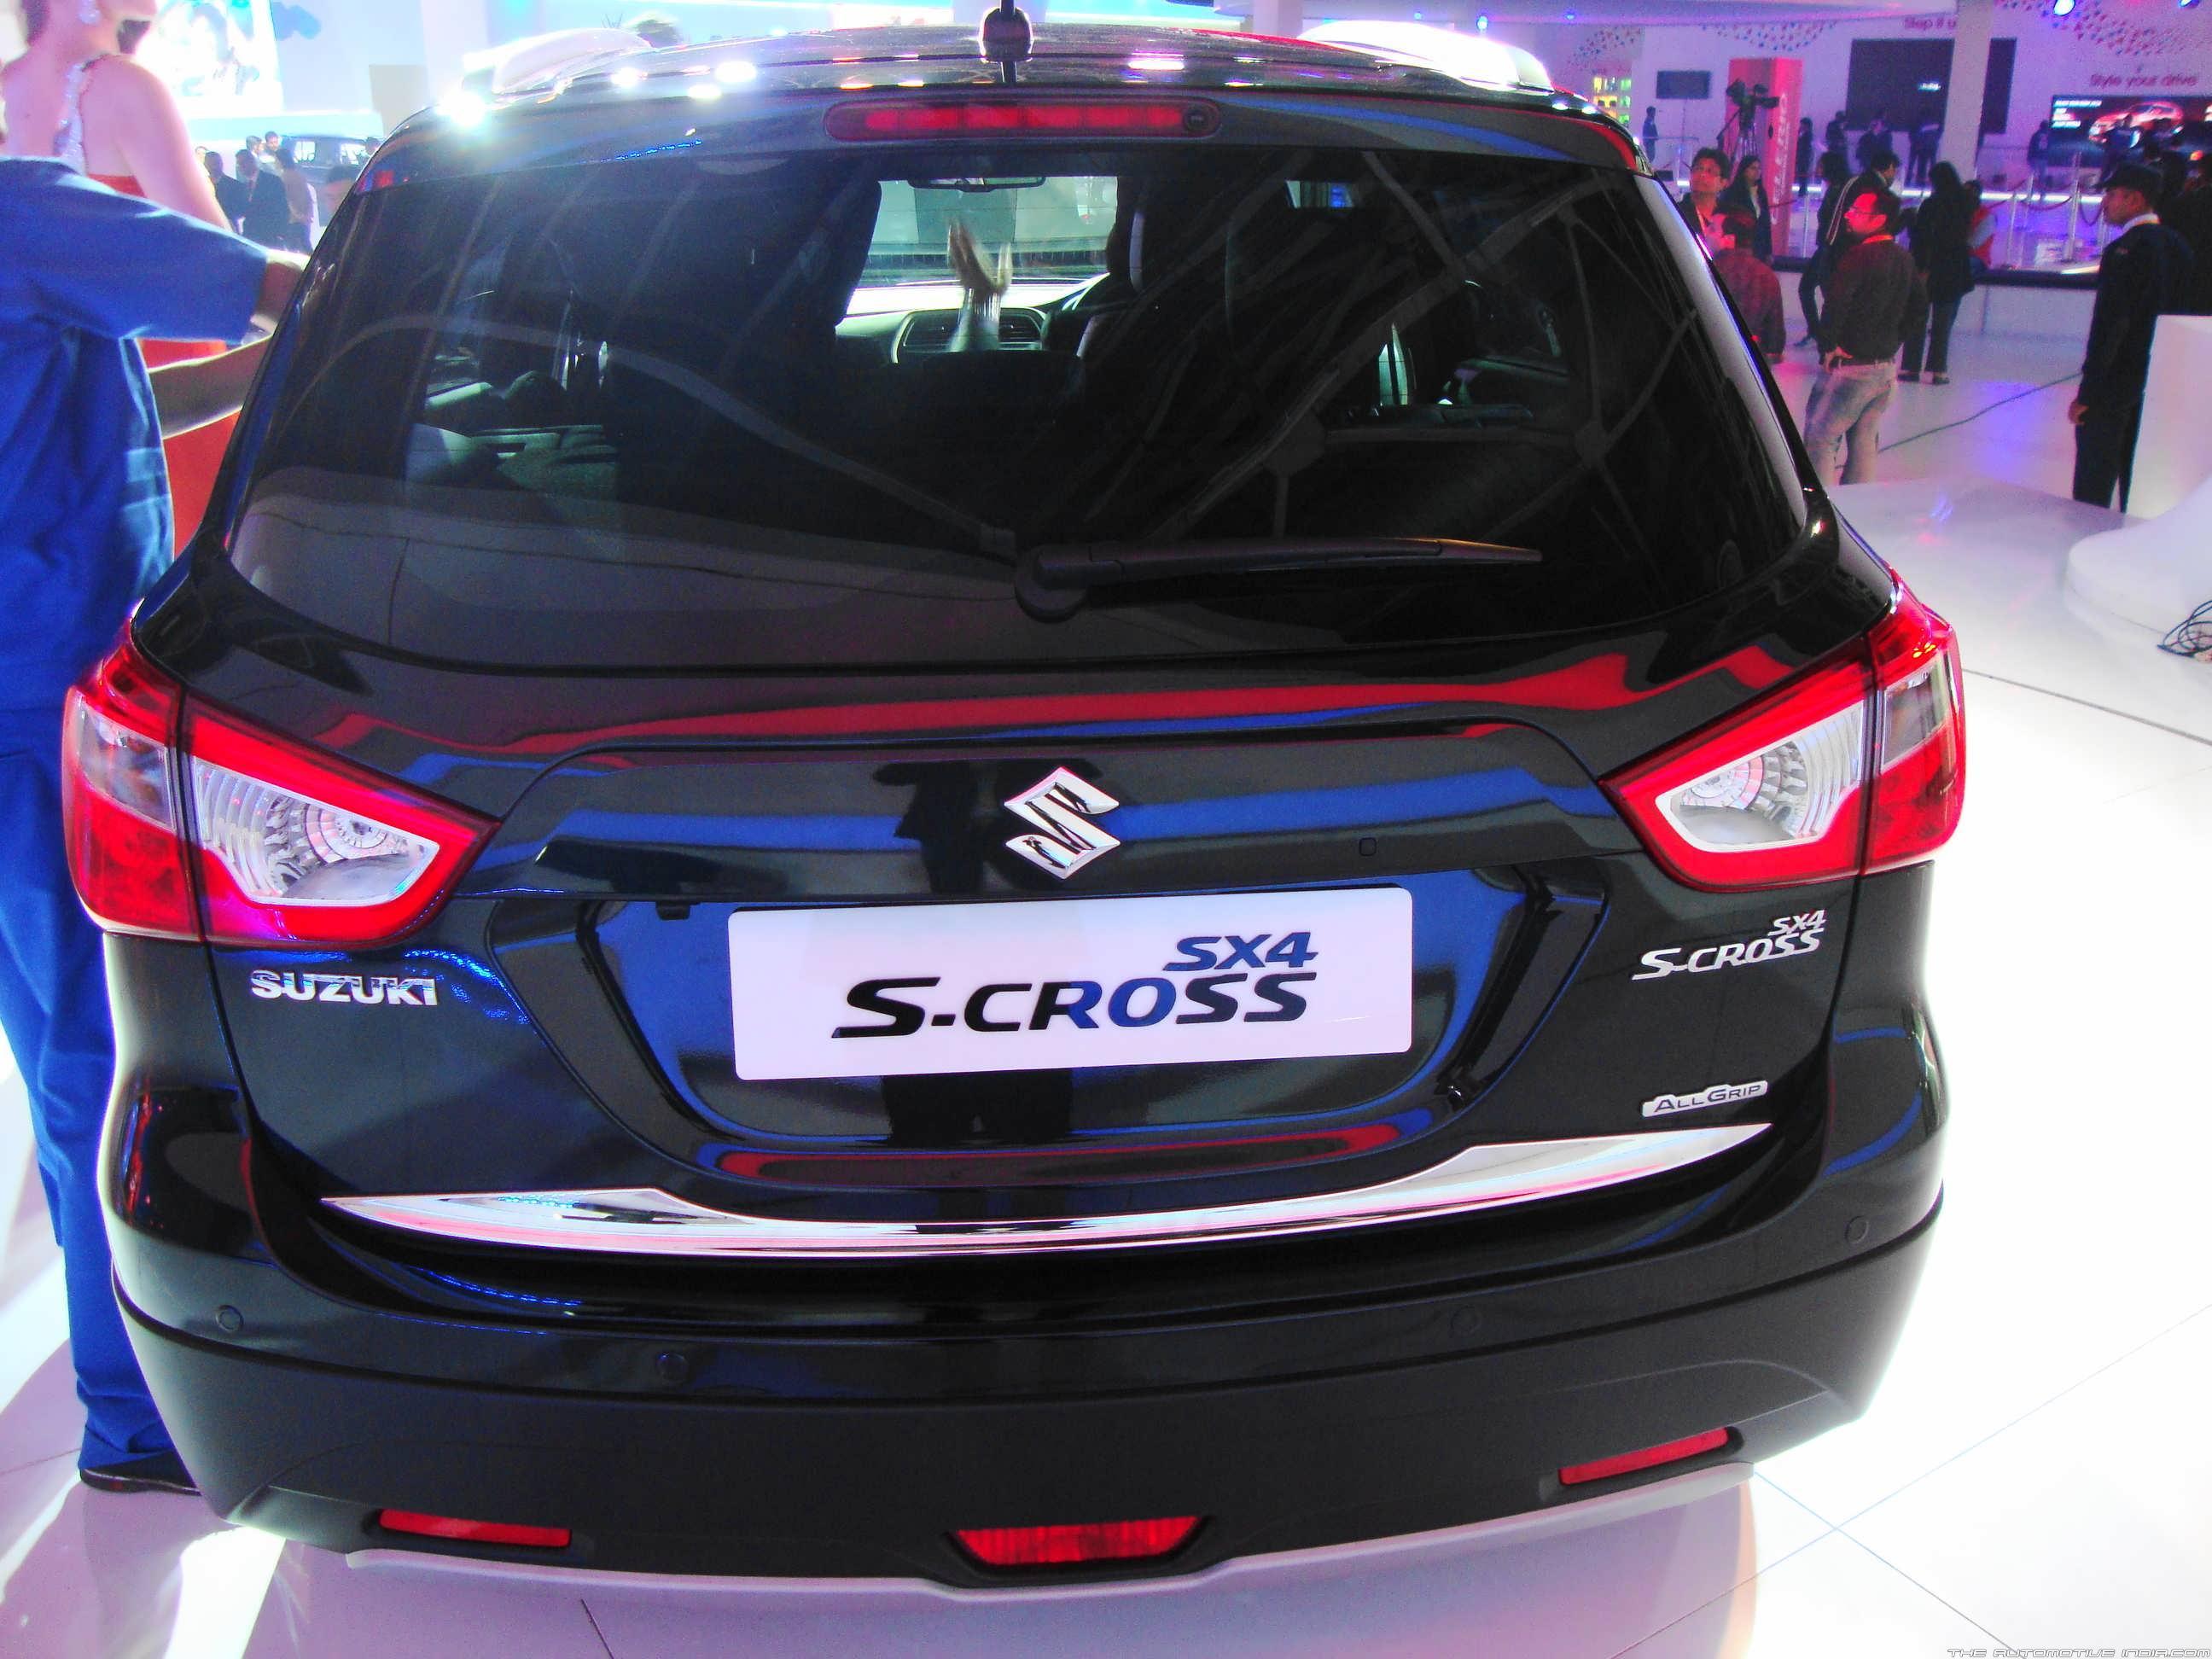 Maruti Suzuki Sx4 S Cross Engine Details Out